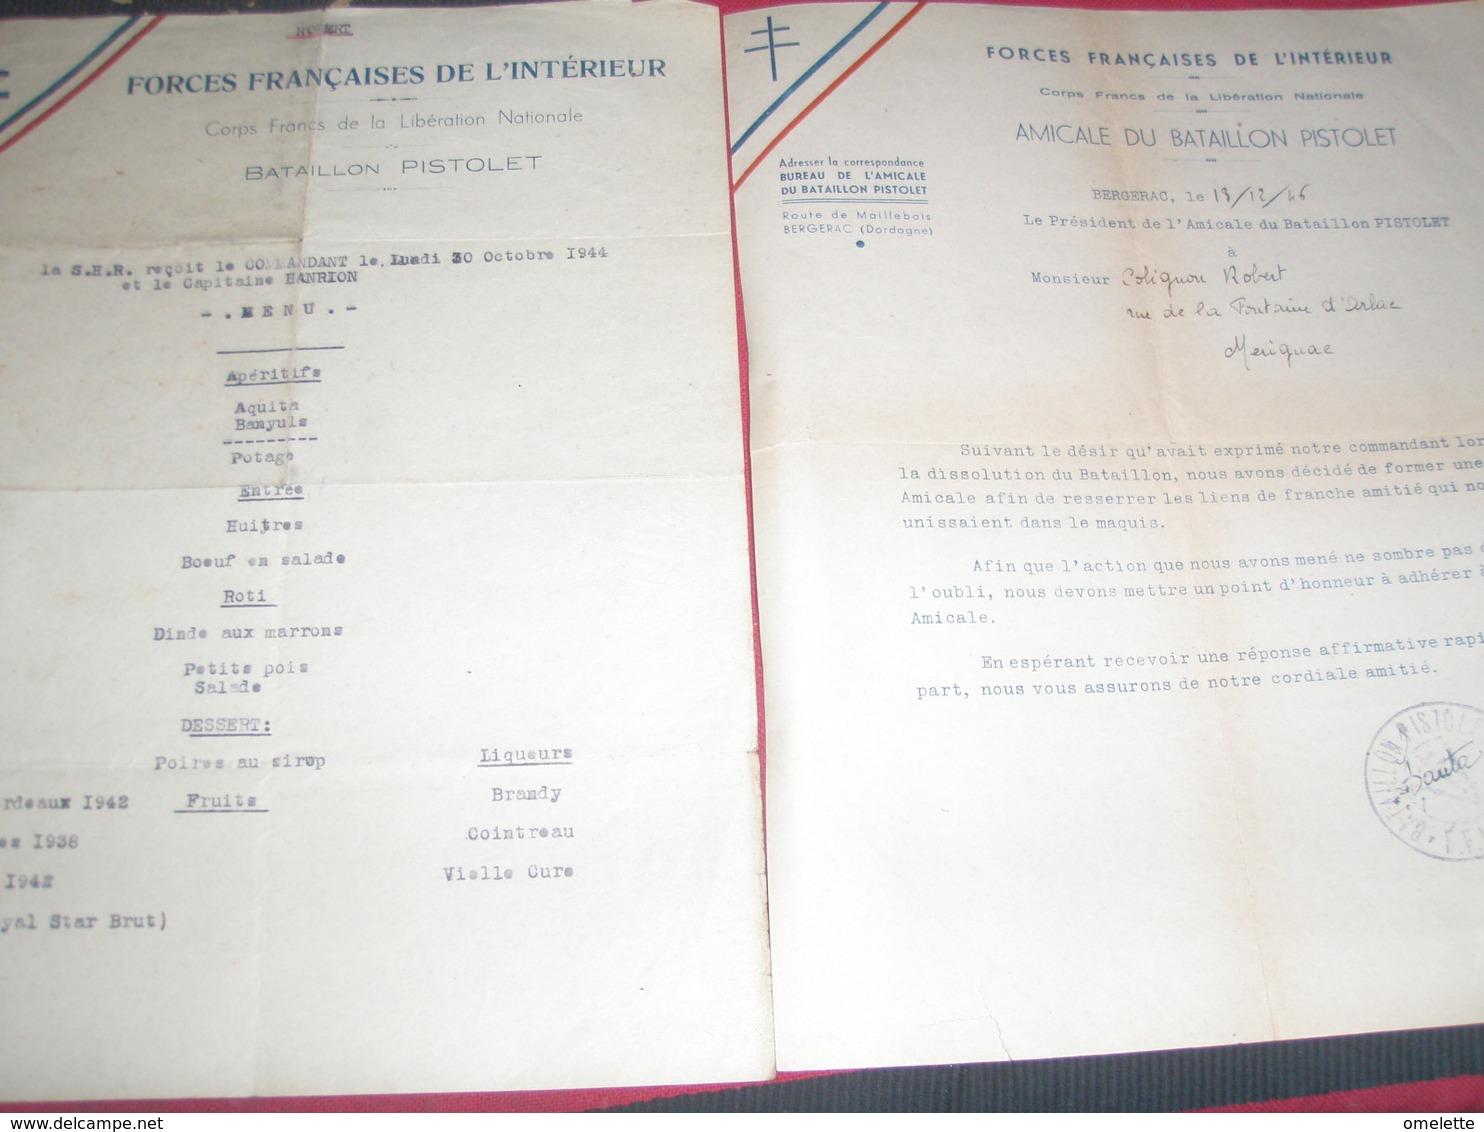 RESISTANCE DORDOGNE/ BATAILLON PISTOLET /MENU / BATDAFS /FORCES  FRANCAISES  INTERIEURE S - Historical Documents